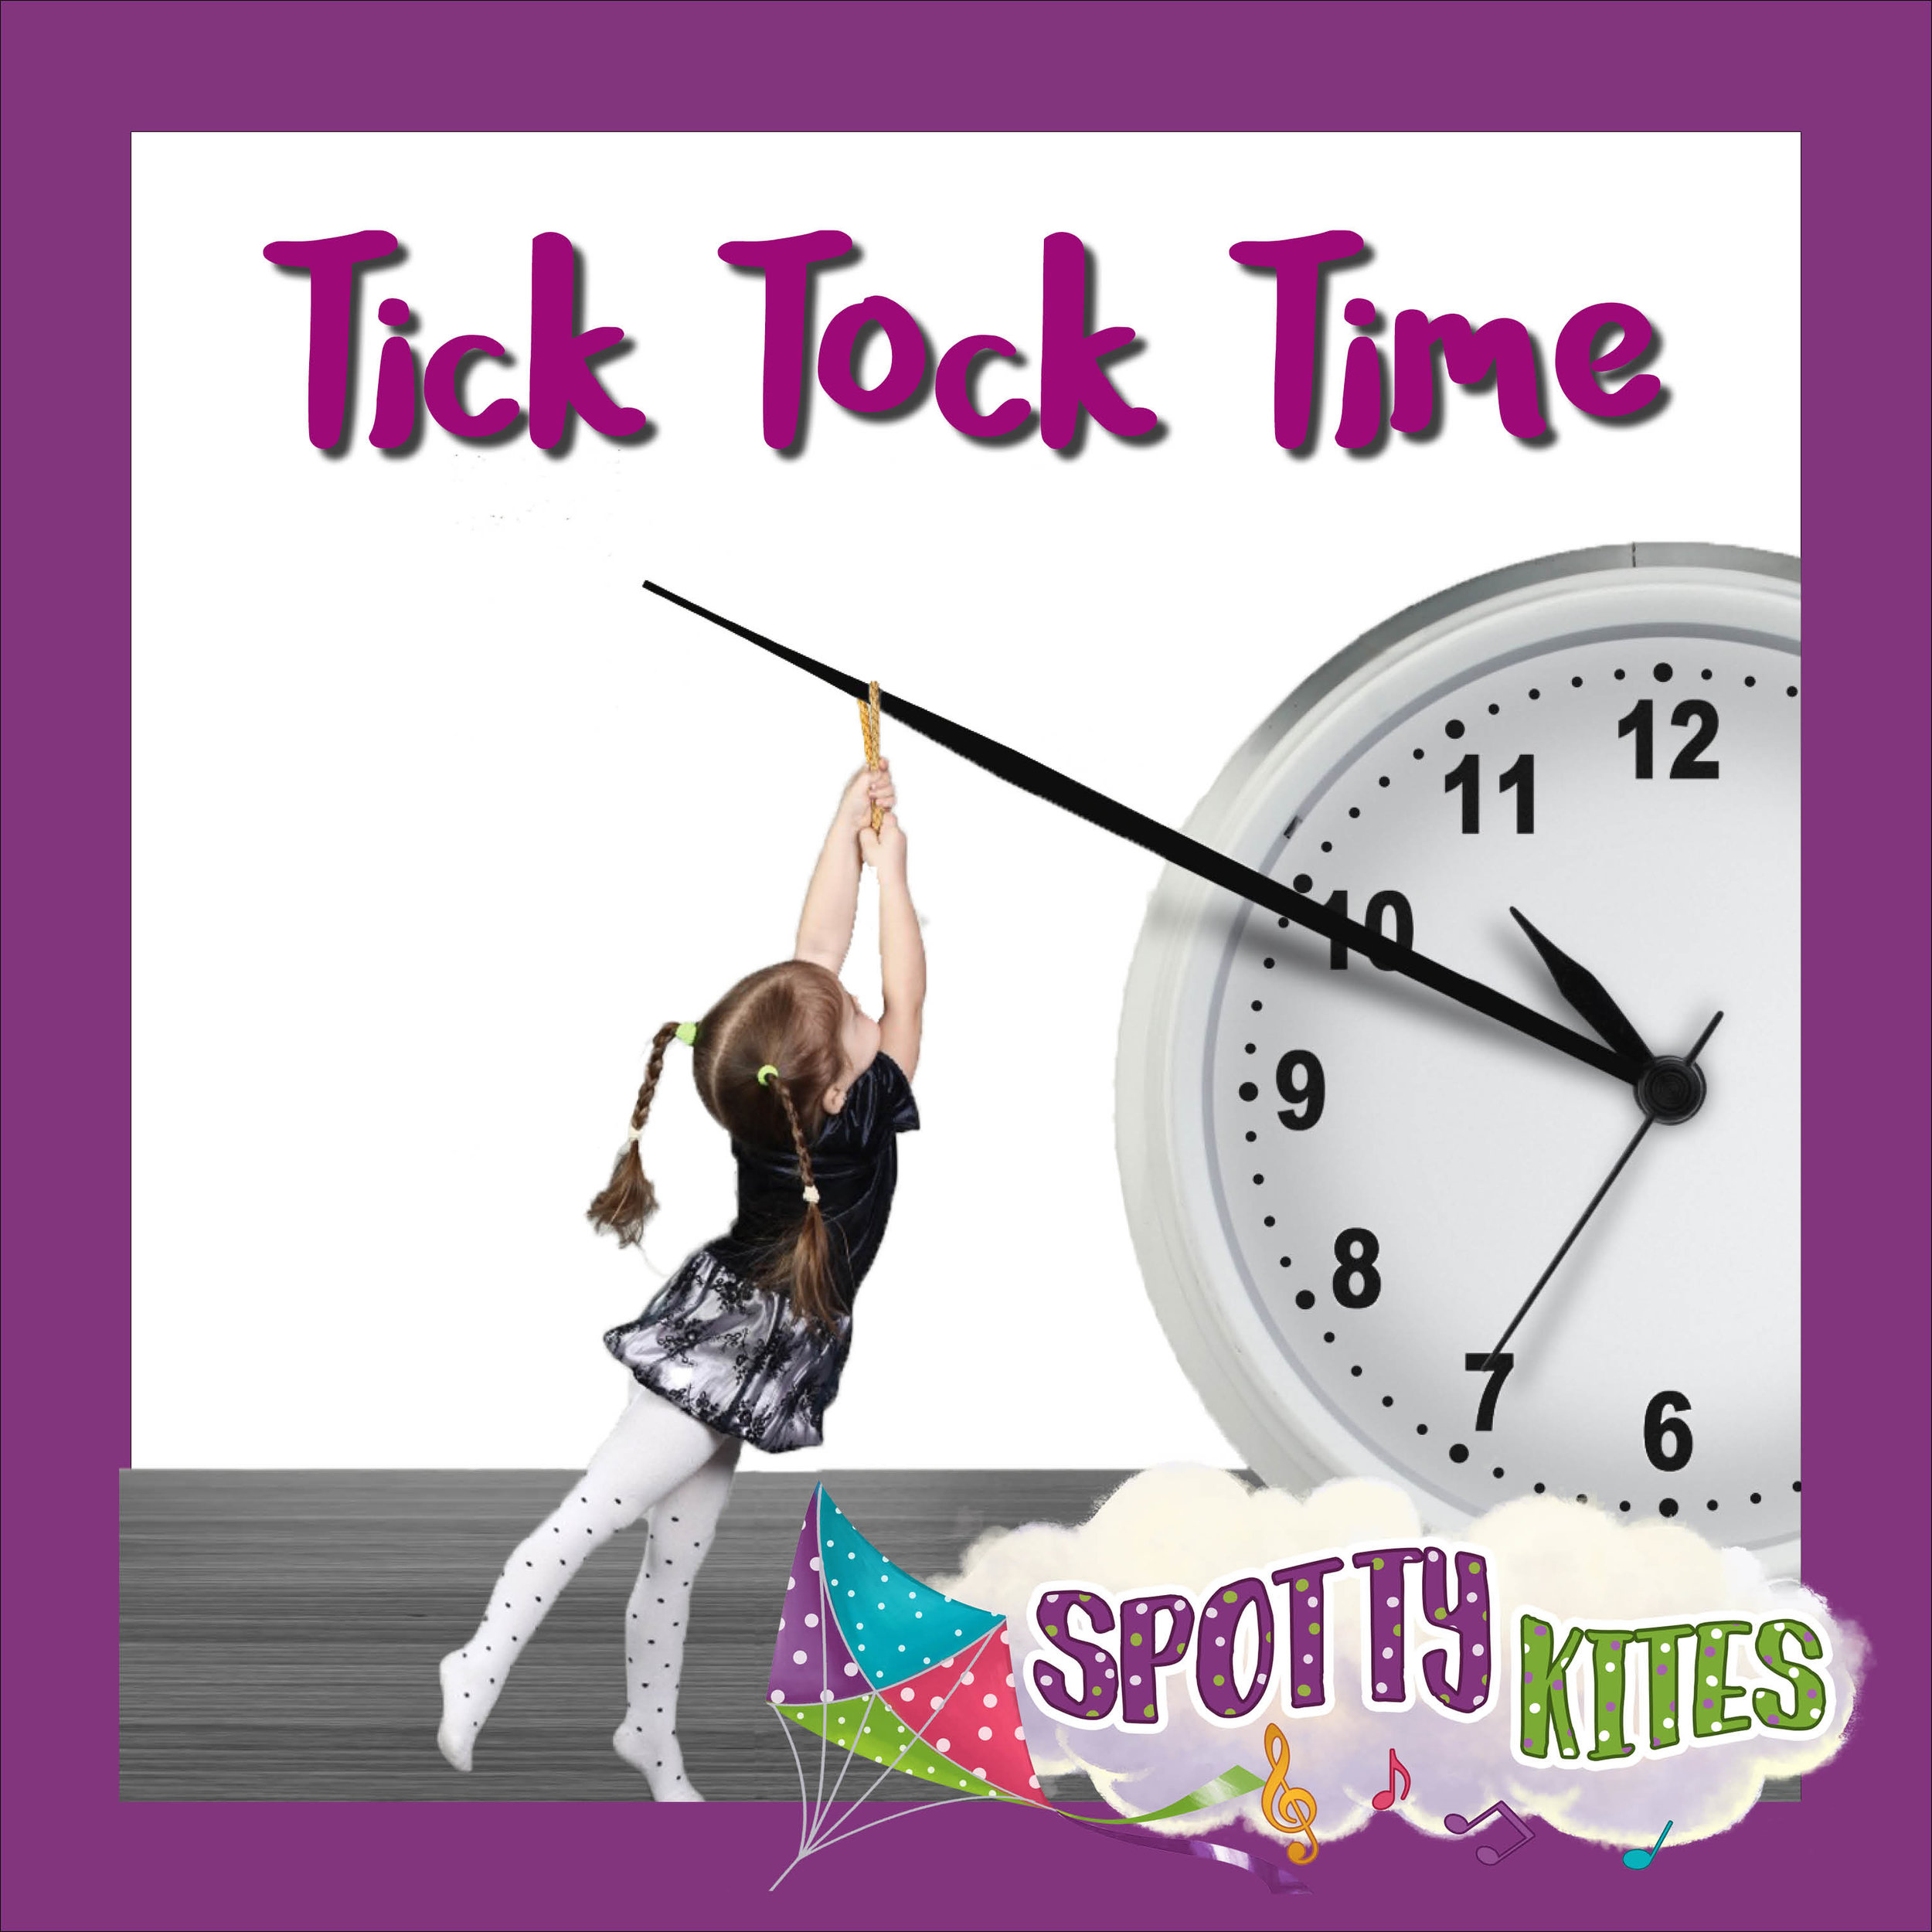 Spotty Kites Time.jpg